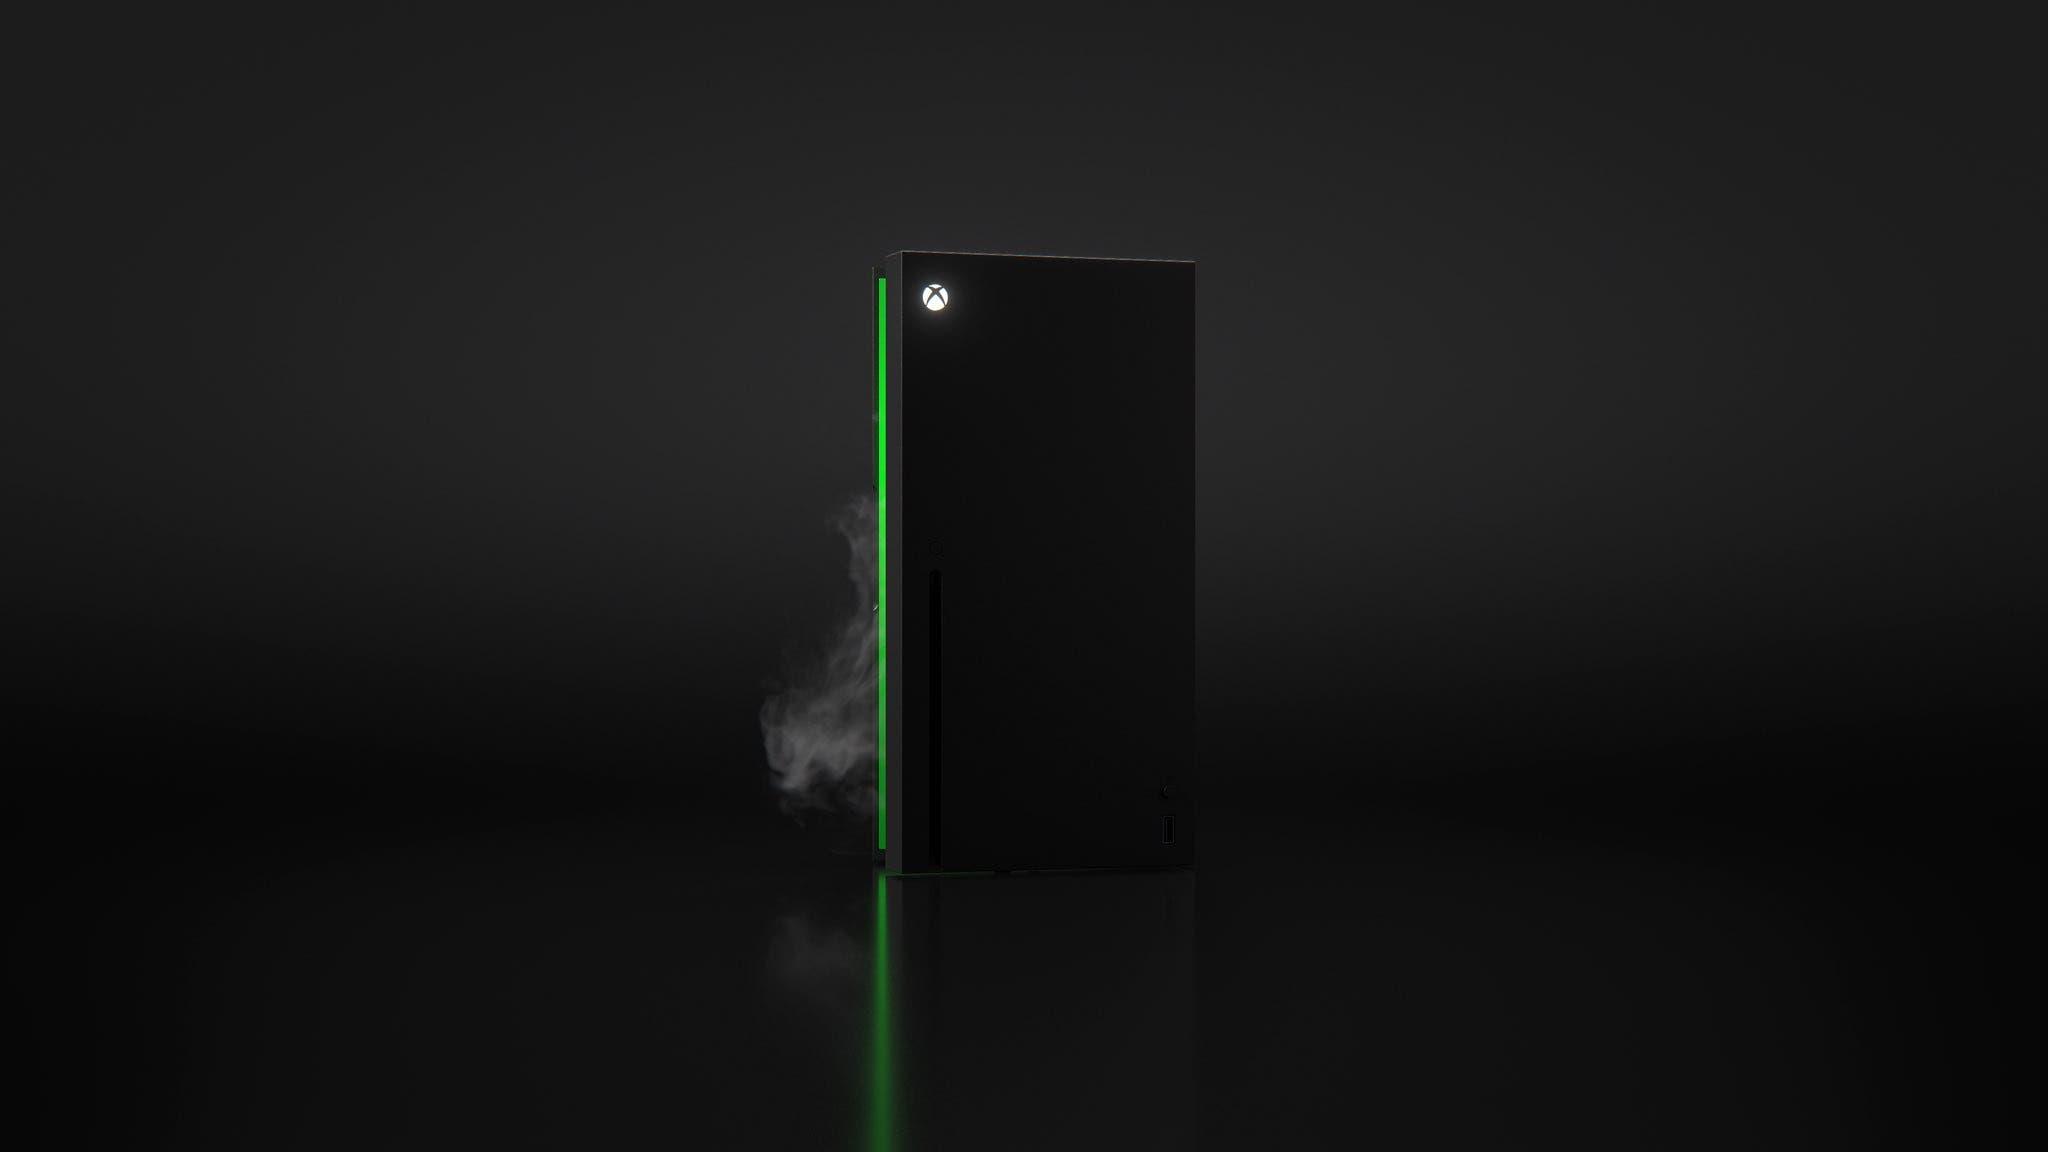 mini nevera de Xbox Series X por dentro